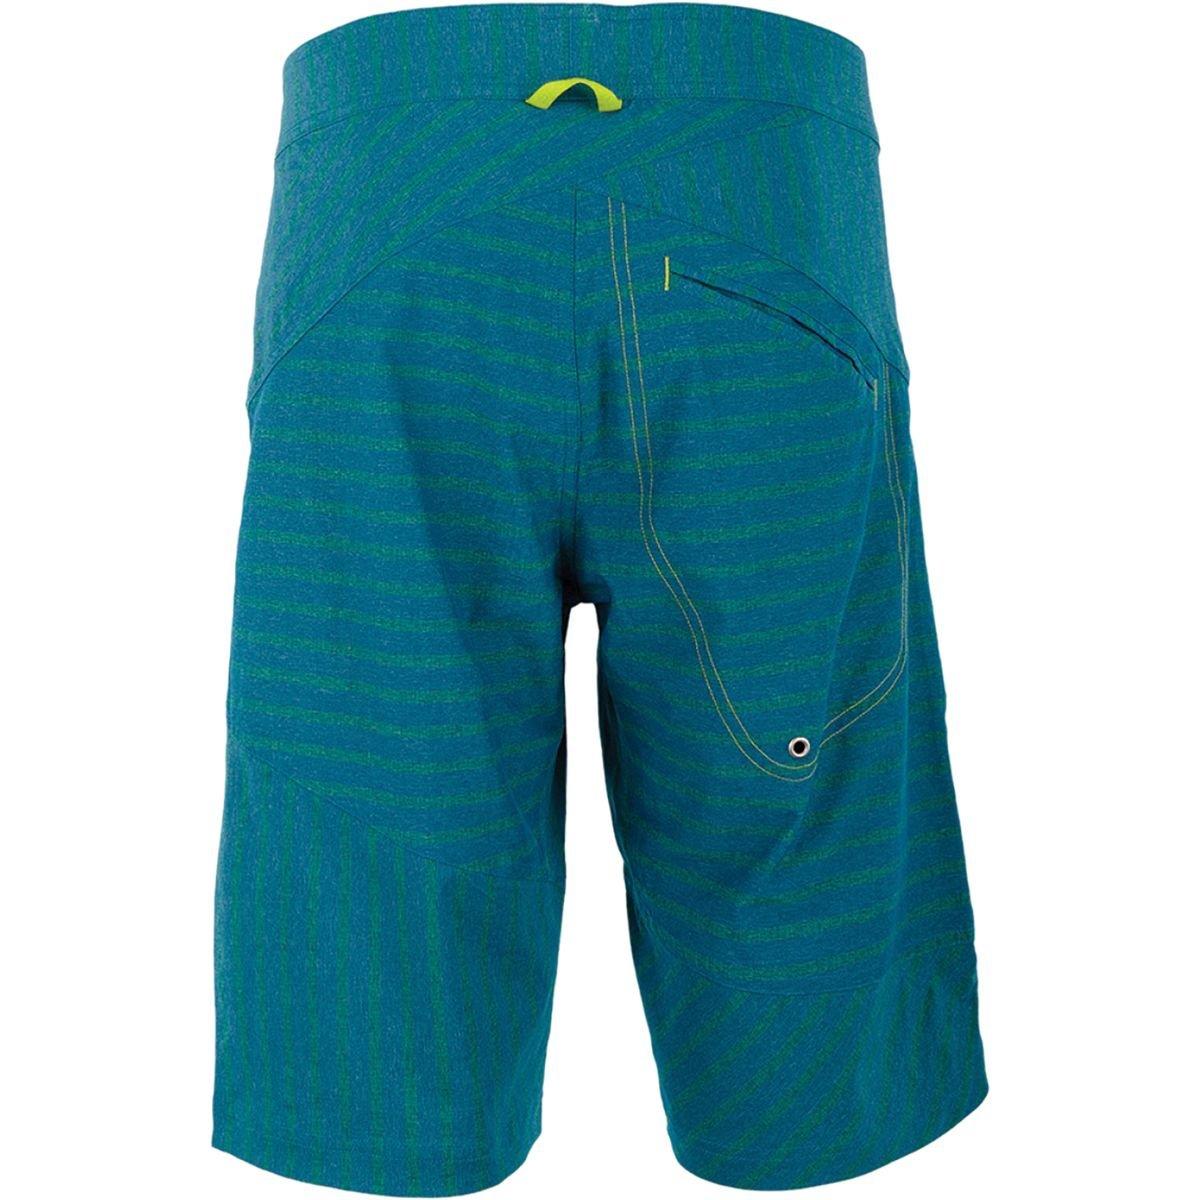 cfa86d2e18 Amazon.com : La Sportiva Board Short - Men's : Clothing